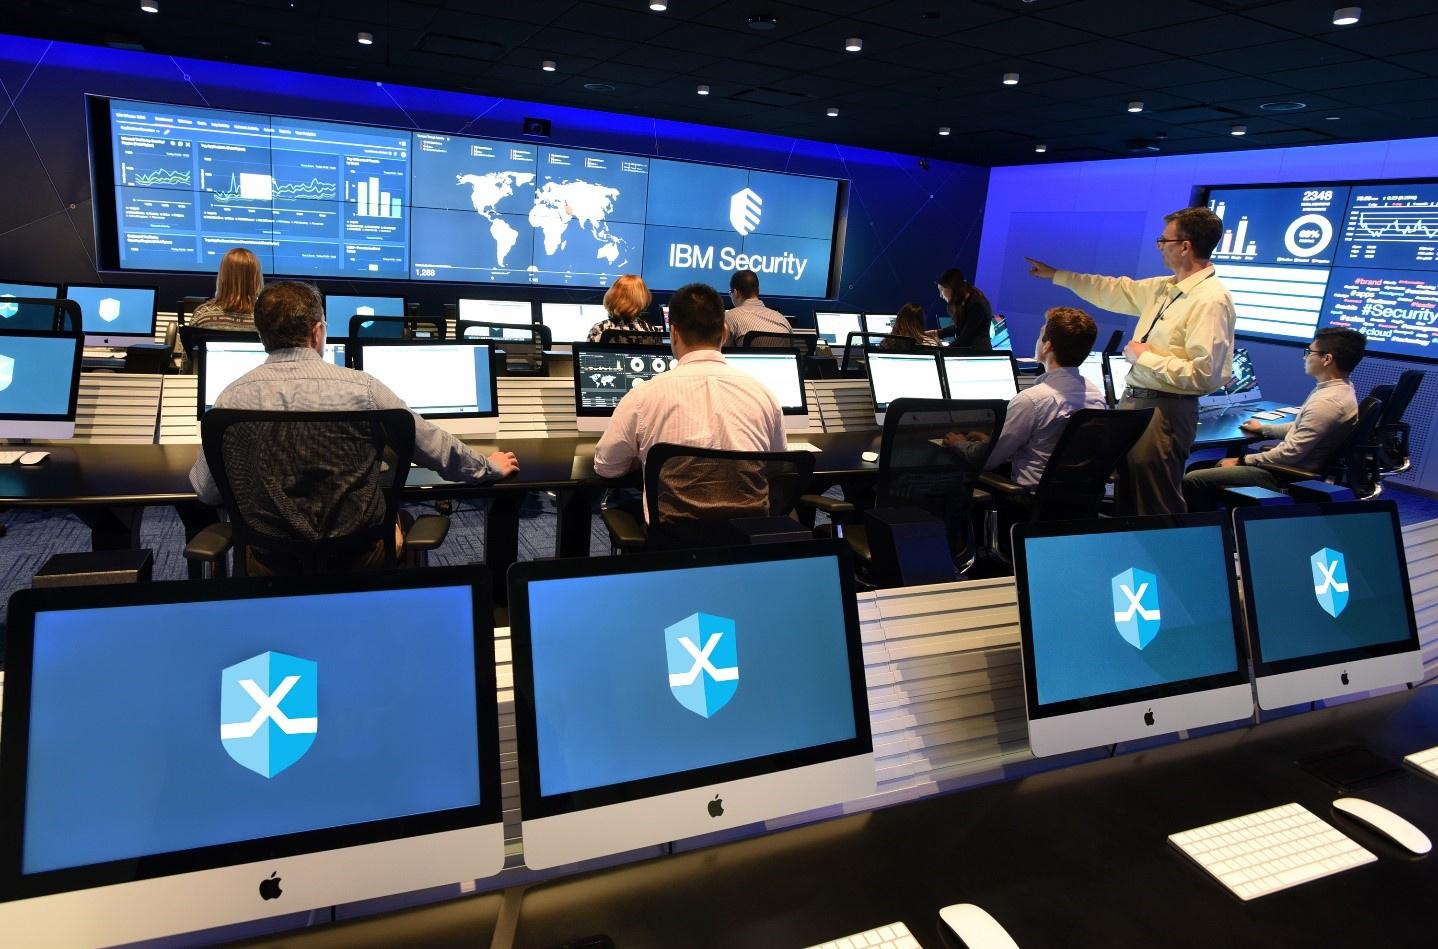 IBM Watson и кибербезопасность: служба быстрого реагирования, которая работает круглосуточно